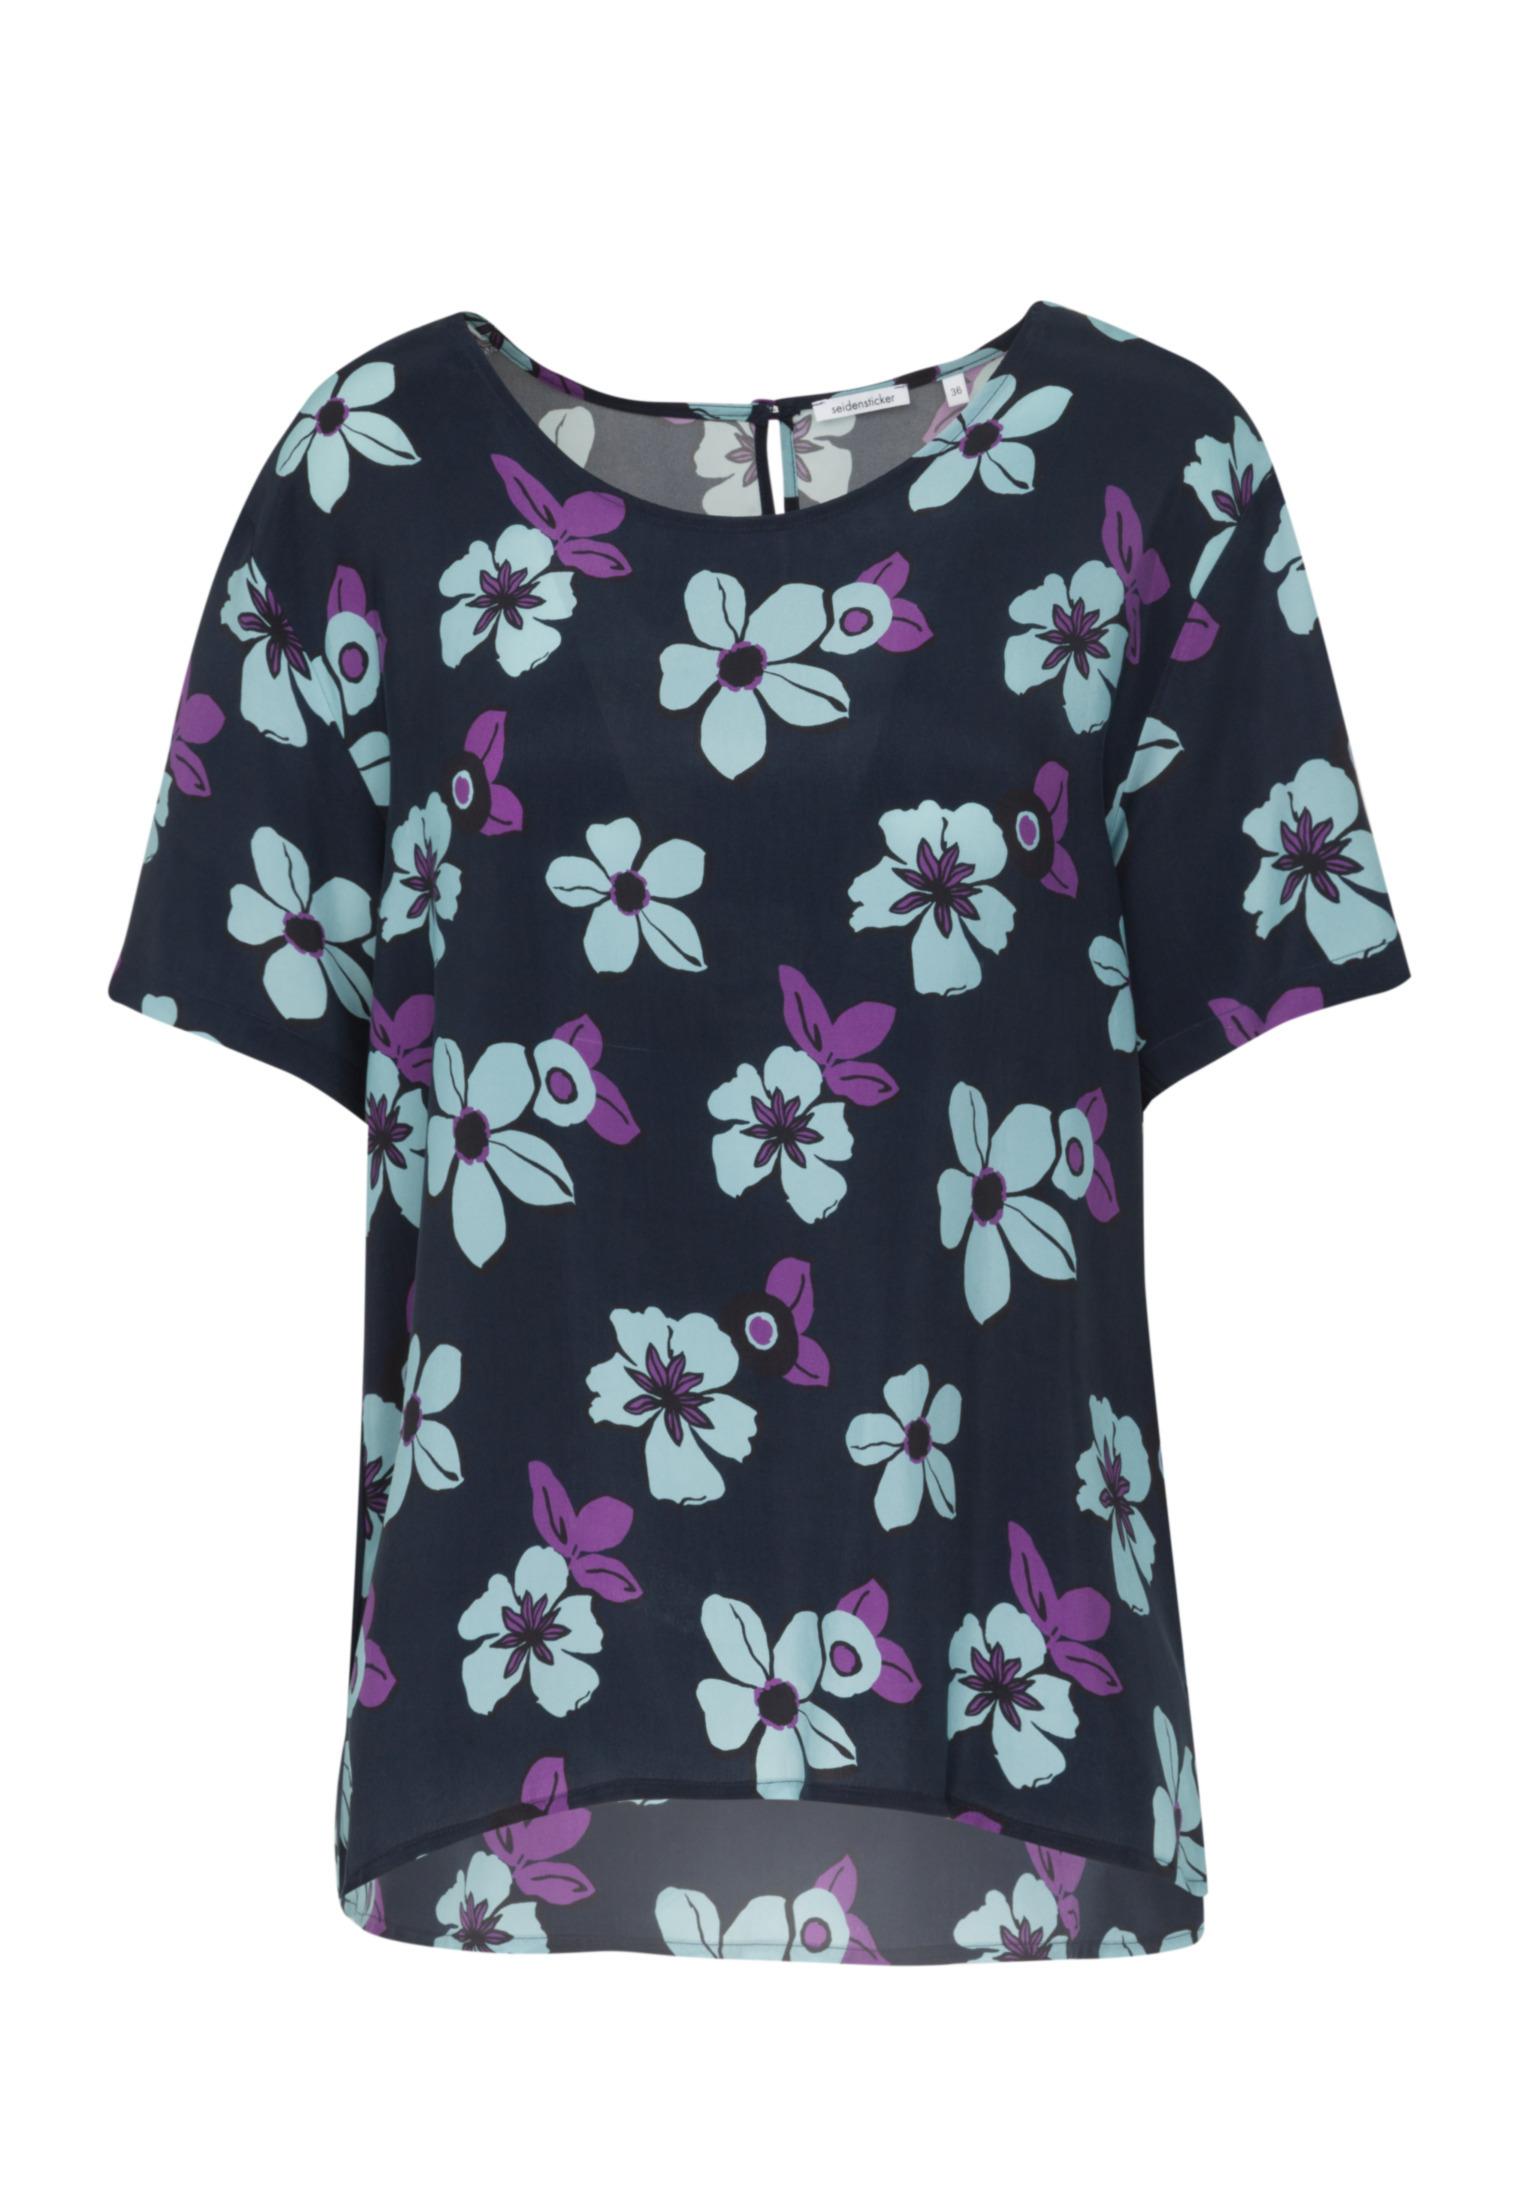 Seidensticker Shirtbluse Regular fit in Dunkelblau günstig kaufen